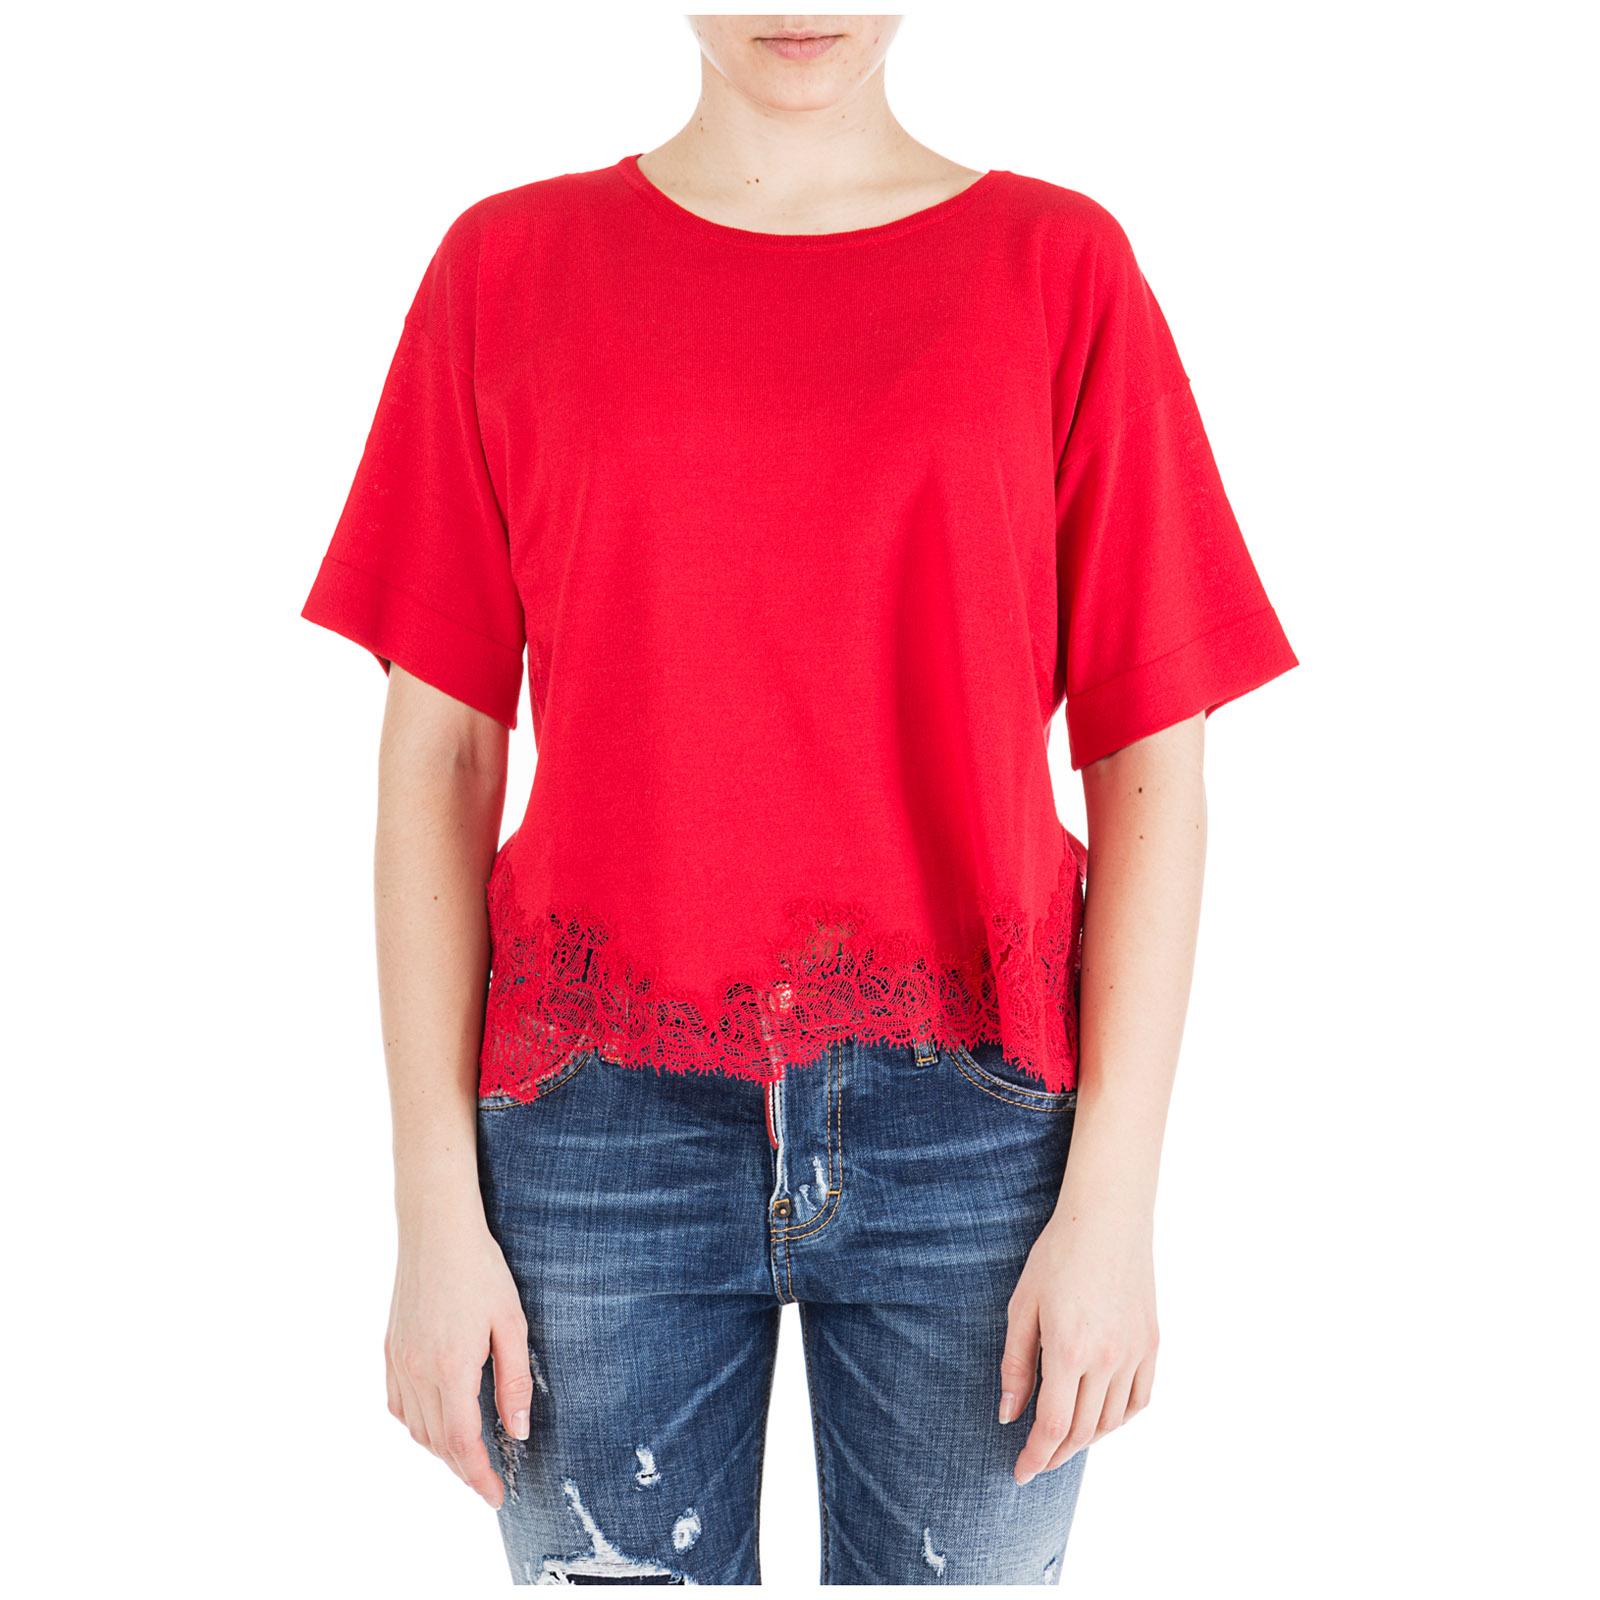 1cbb969b7f T-shirt maglia maniche corte girocollo donna